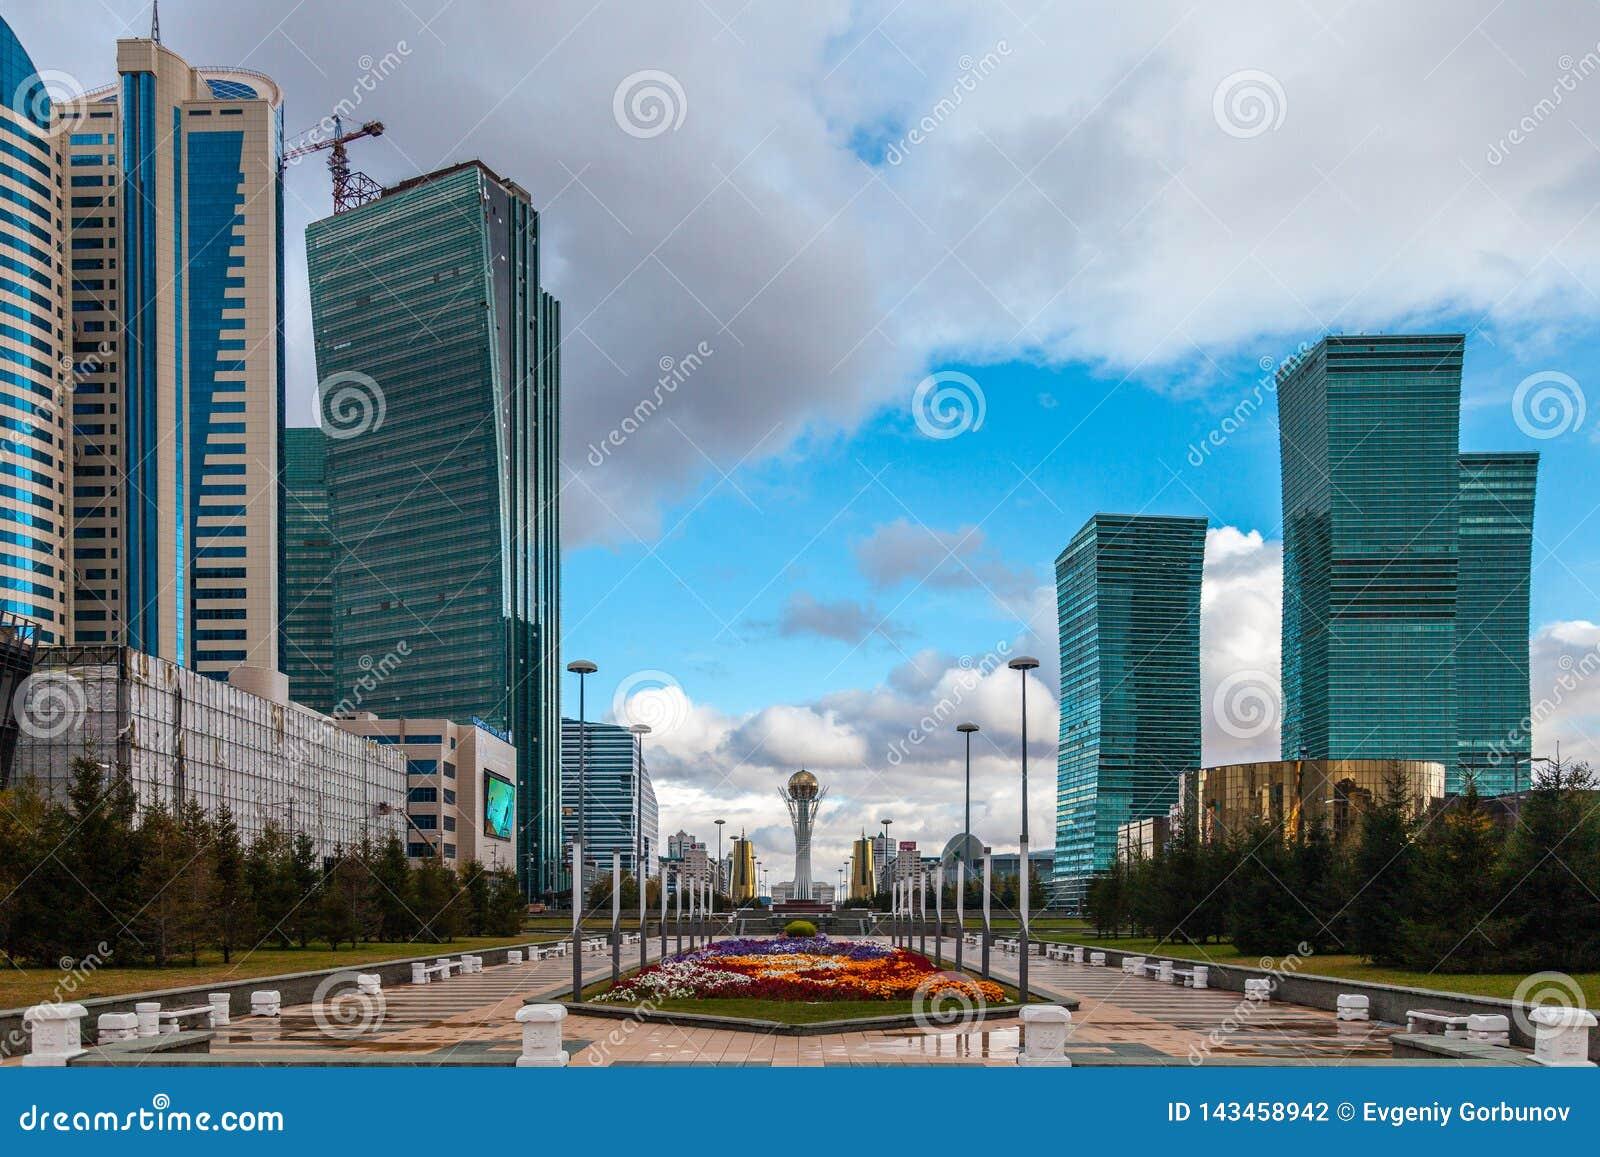 05 10 2011 Panorama van Wolkenkrabbers op het administratieve en cultuurcentrum van Nur-Sultan Astana, Kazachstan